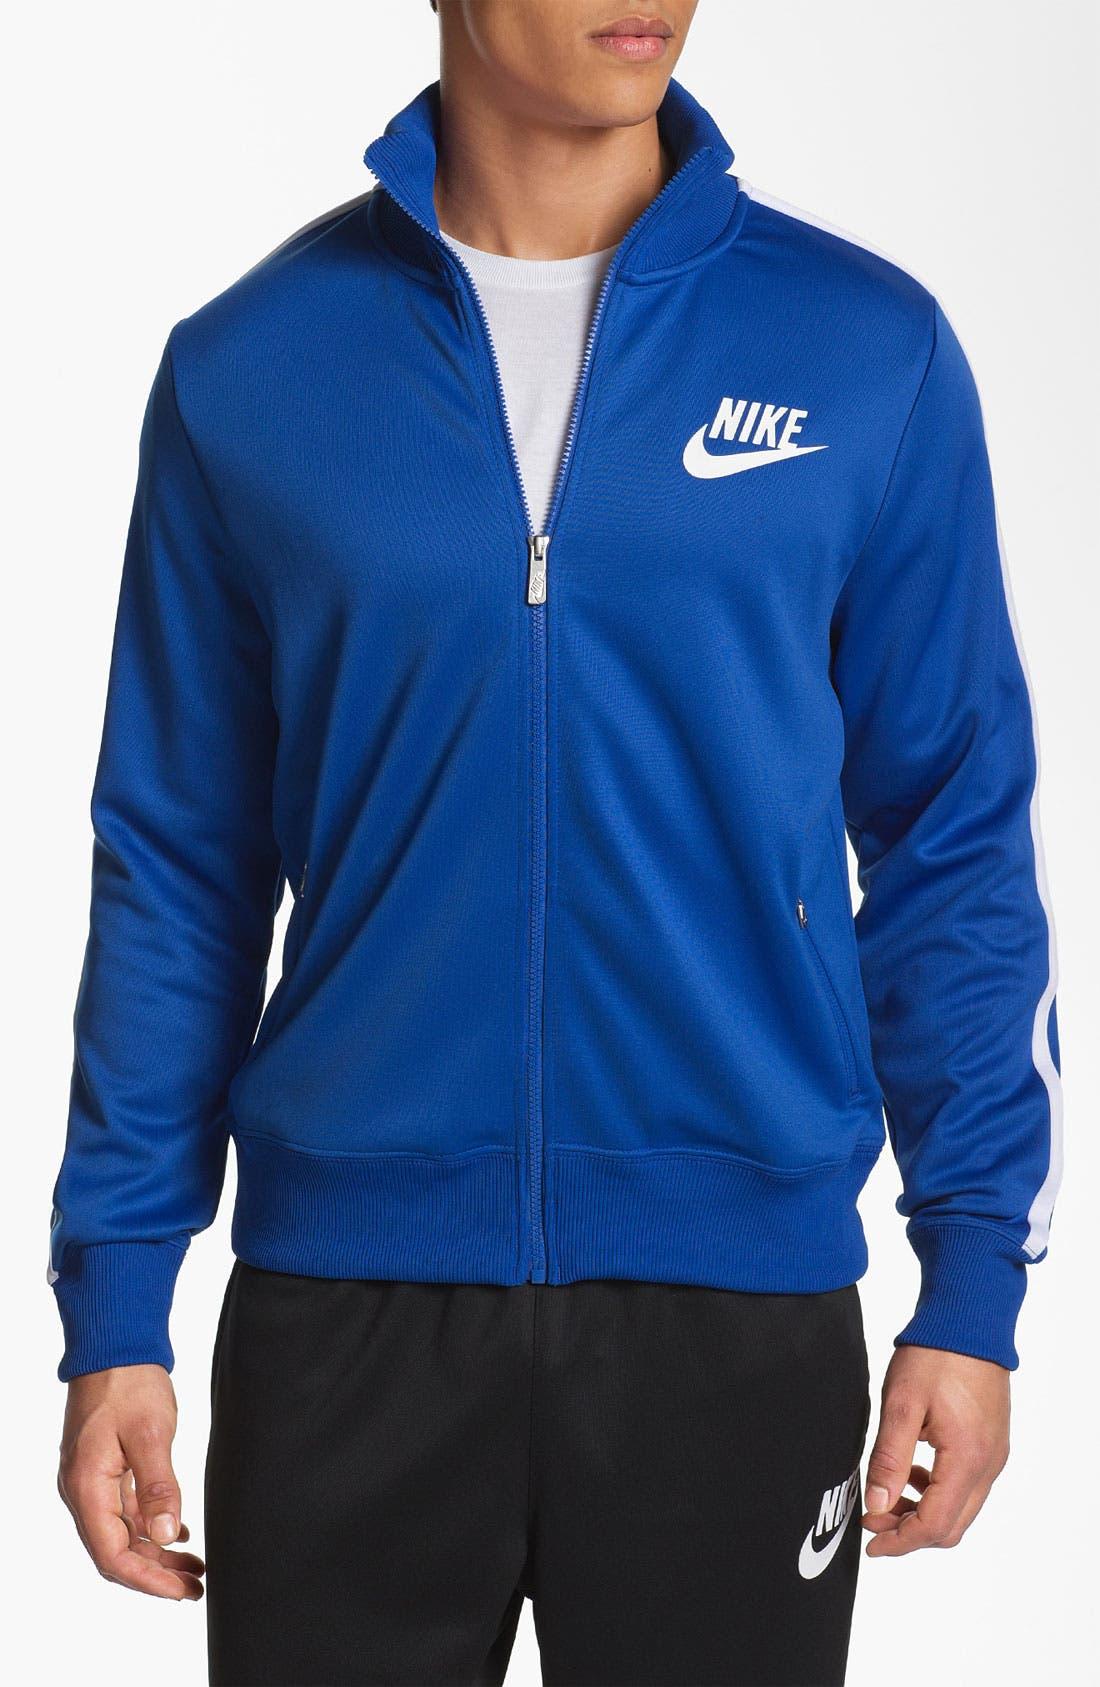 Main Image - Nike 'HBR' Track Jacket